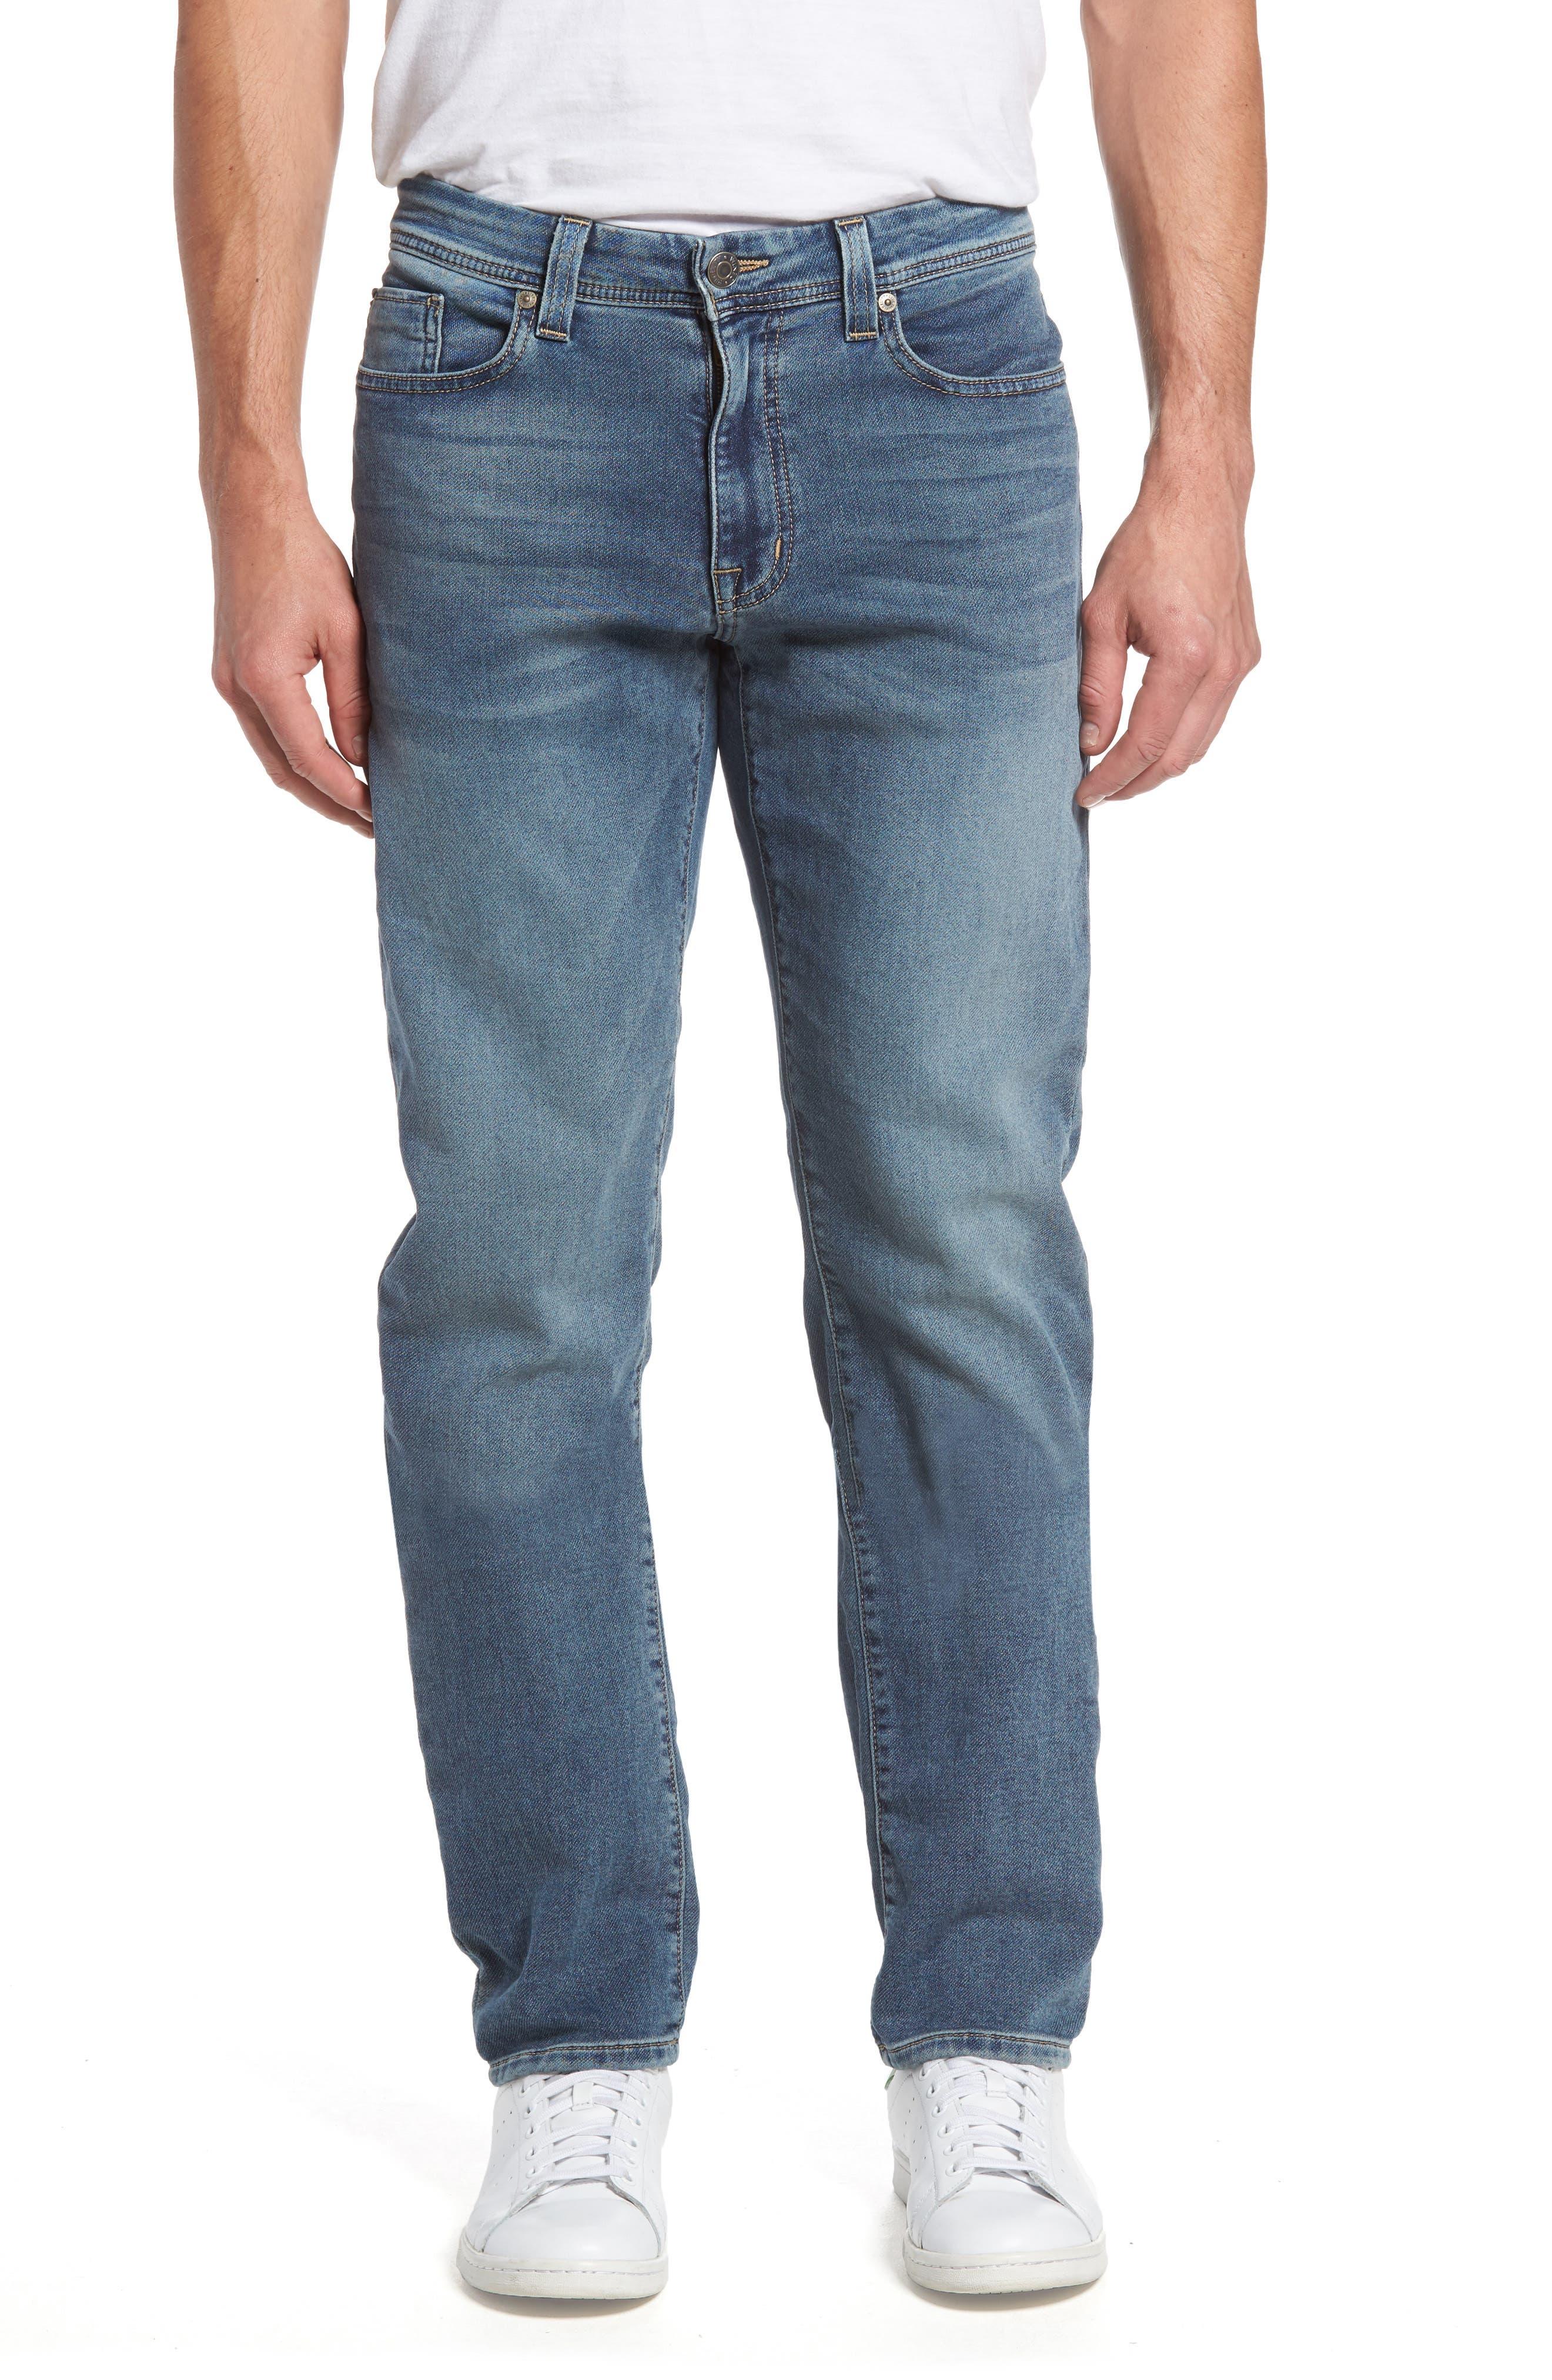 Fidelity Denim Jimmy Slim Straight Leg Jeans (Oxy Vox Vintage)